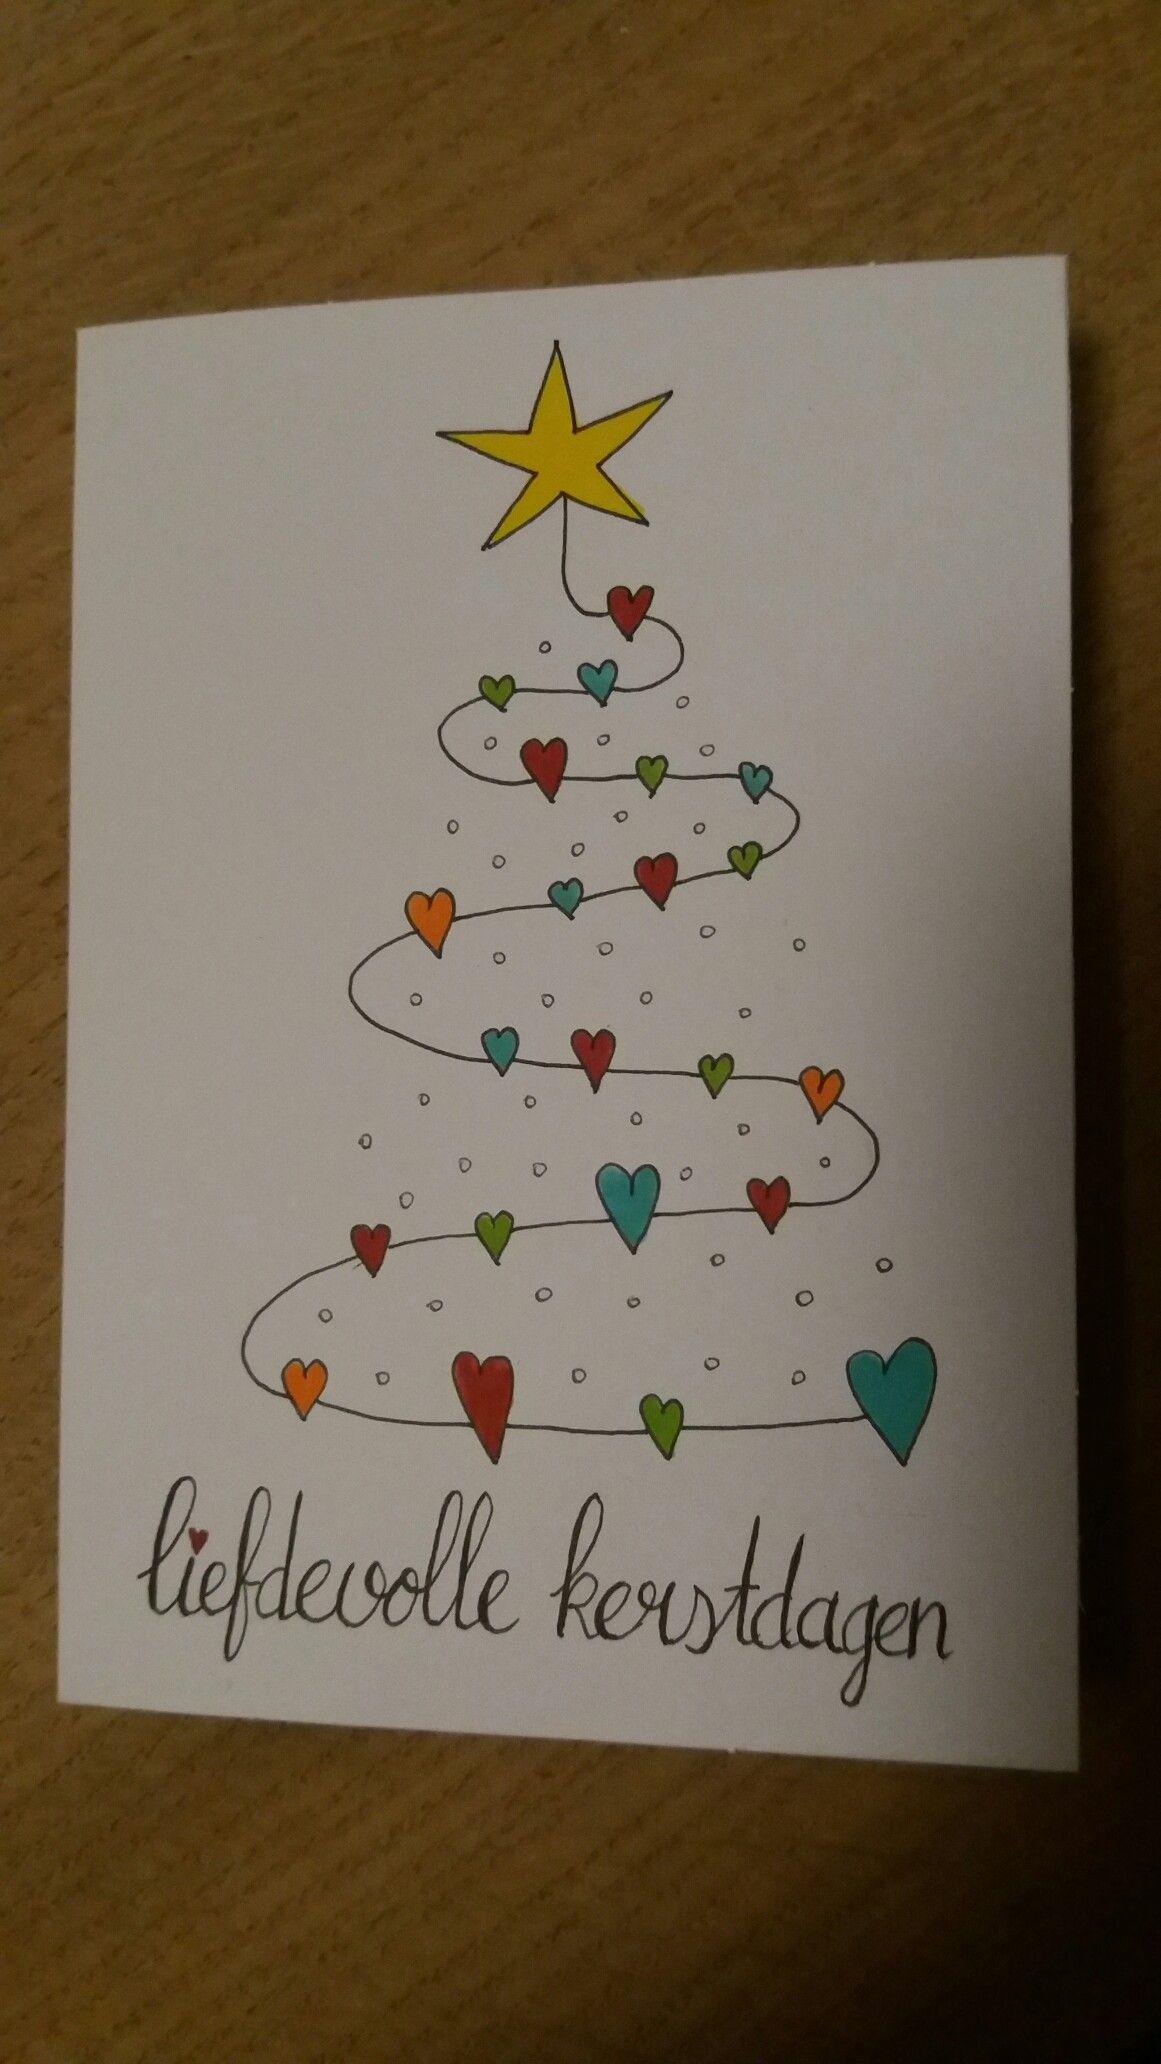 Handlettering by astrid handlettering pinterest - Nostalgische weihnachtskugeln ...